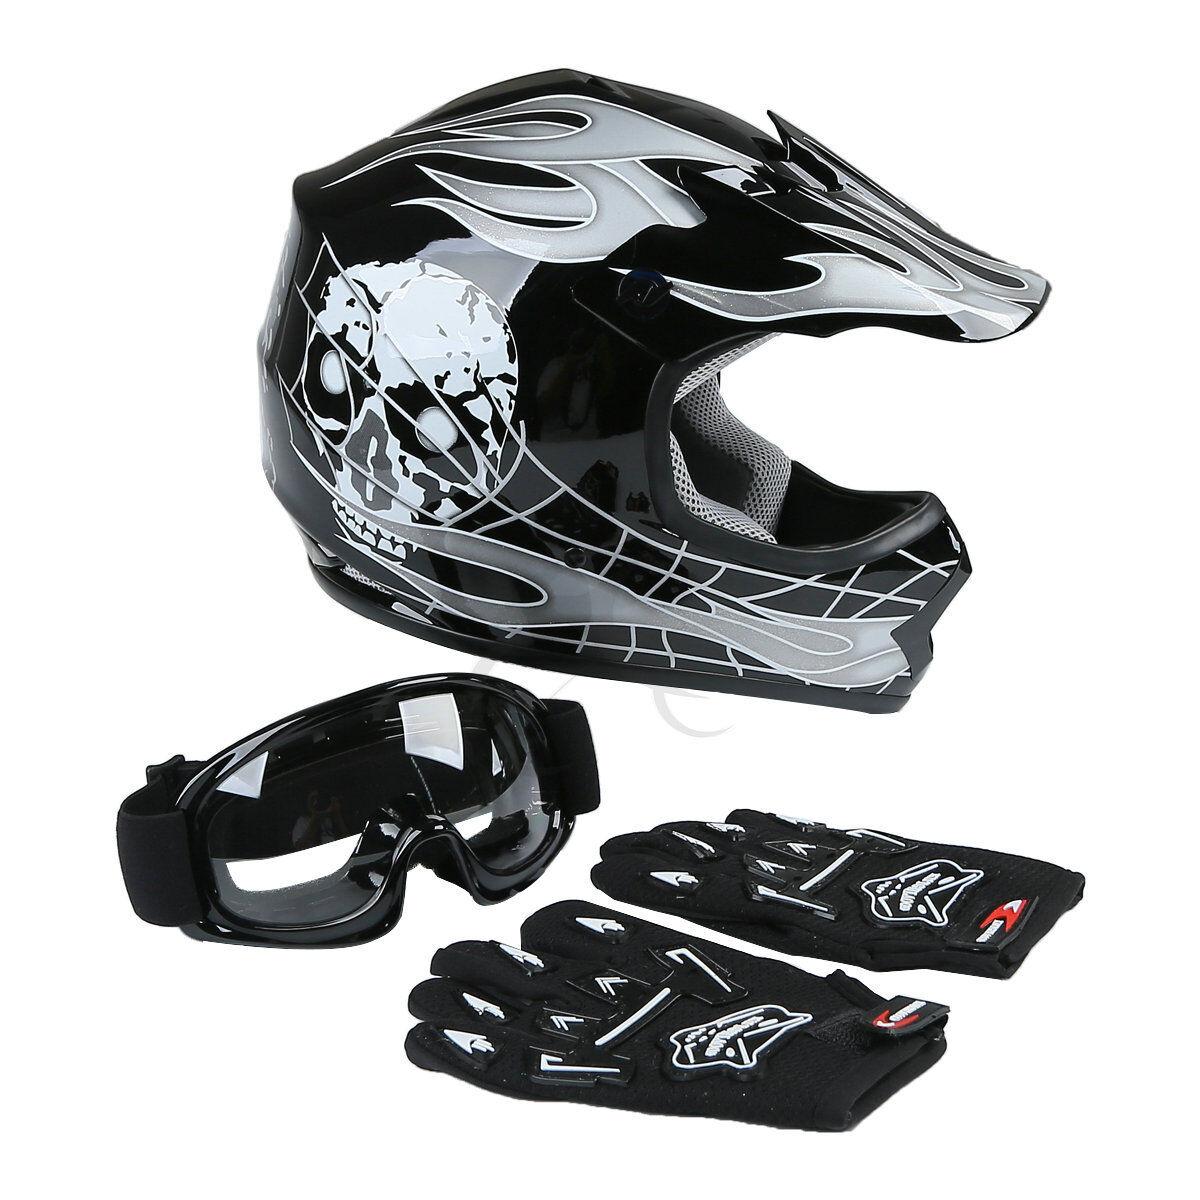 DOT Youth ATV Motocross Dirt Bike Skull Helmet with Goggles Gloves S M L XL Size